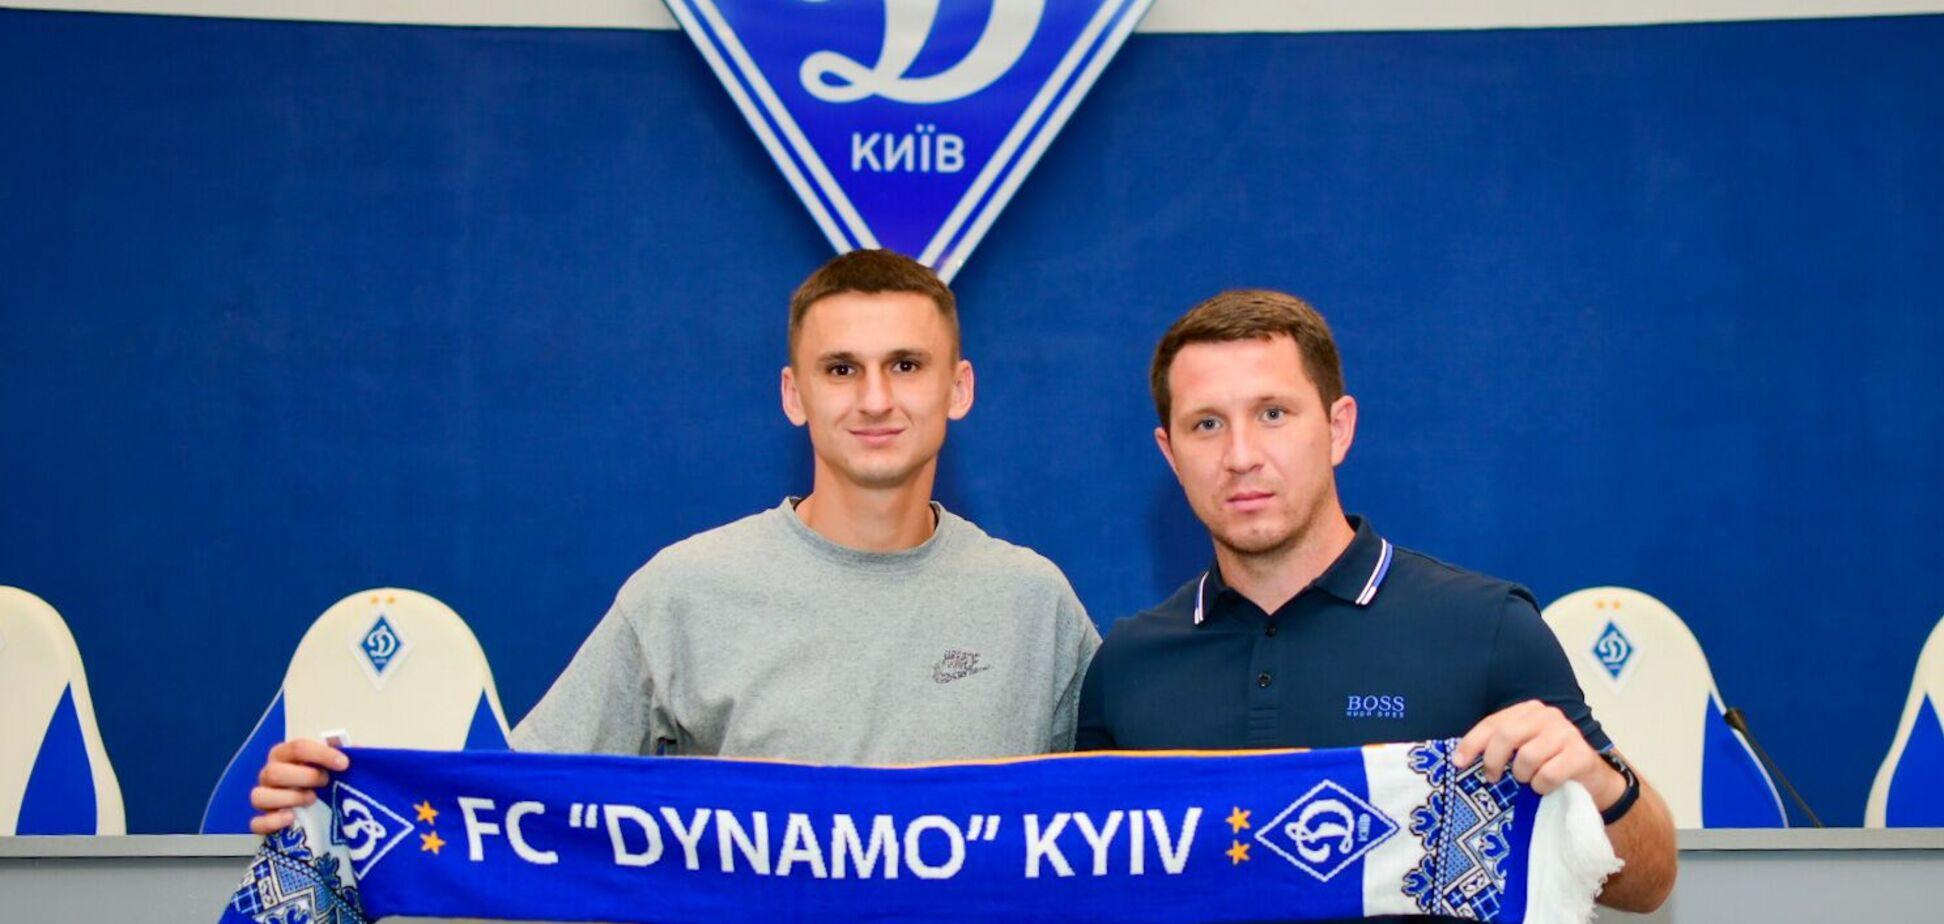 Денис Антюх с шарфом 'Динамо'